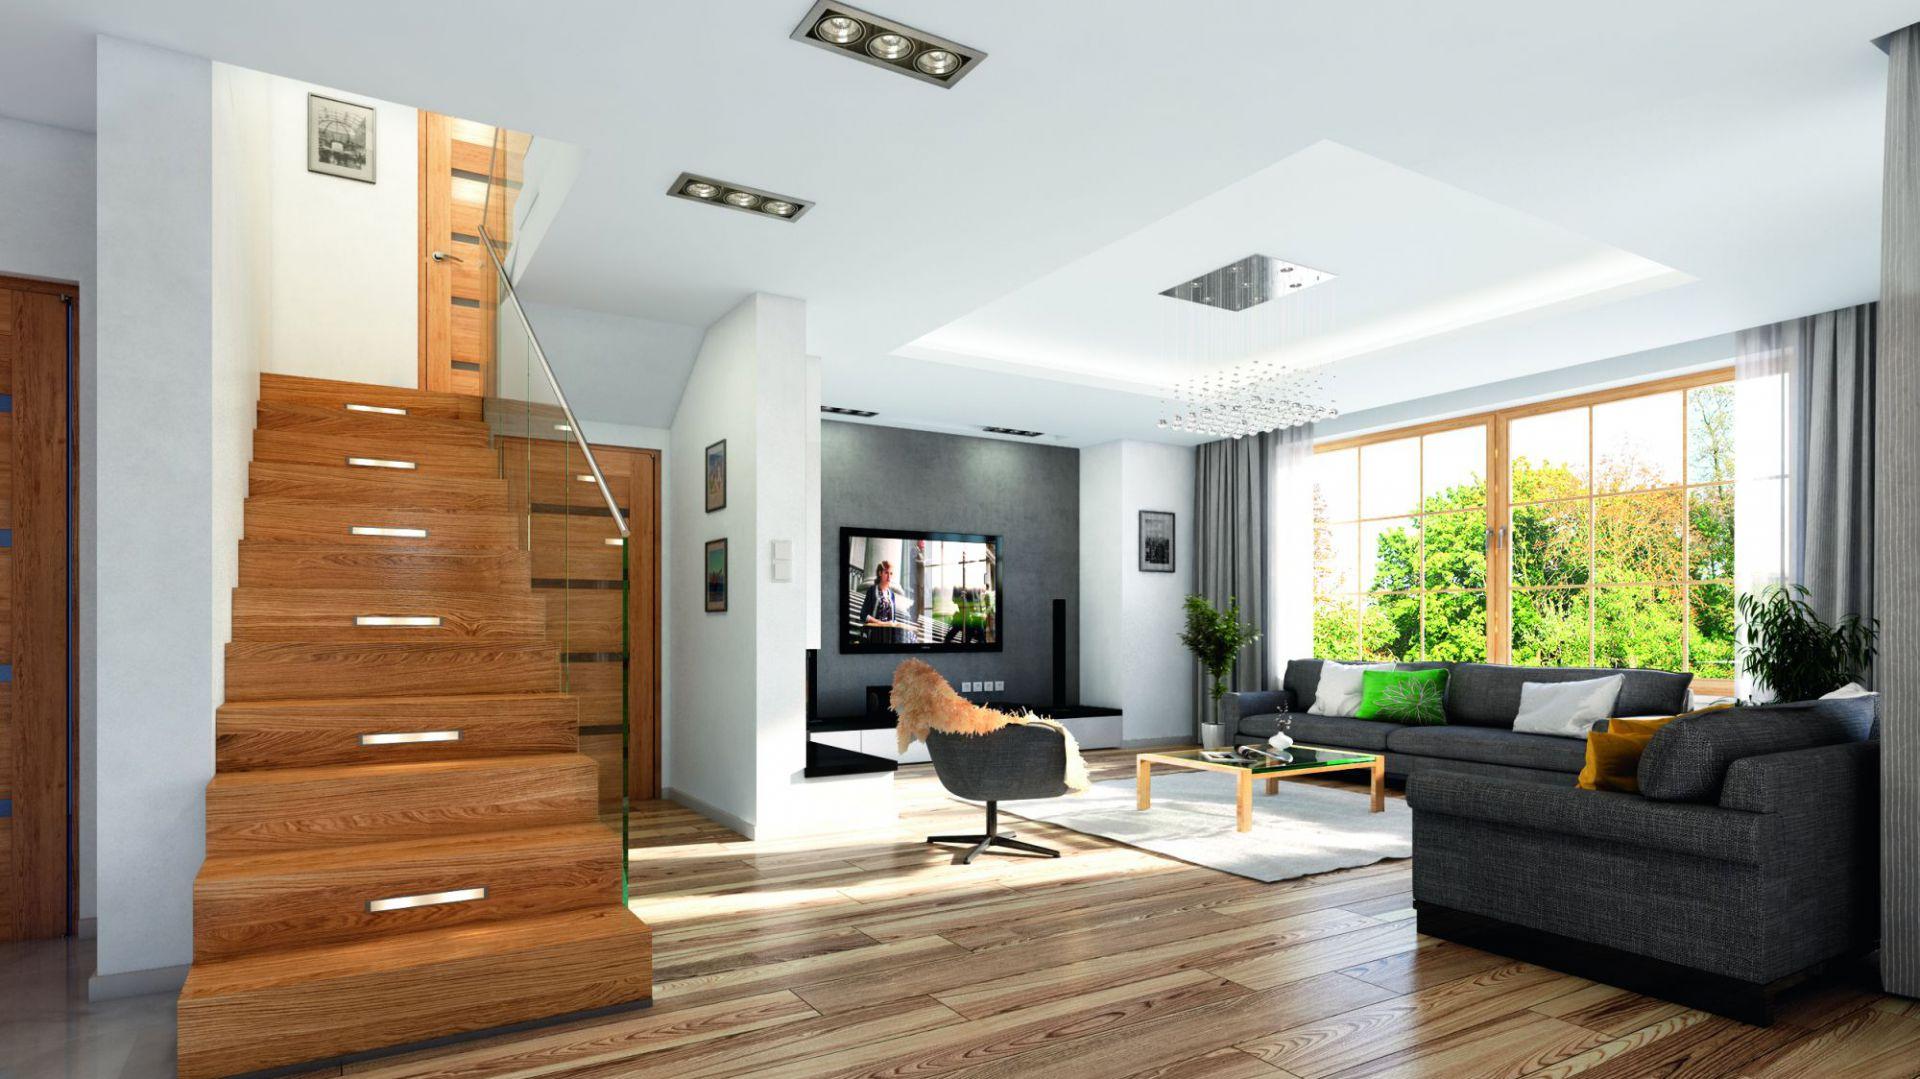 Schody i drzwi również wykończono naturalnym drewnem. Projekt: arch. Michał Gąsiorowski. Fot. MG Projekt